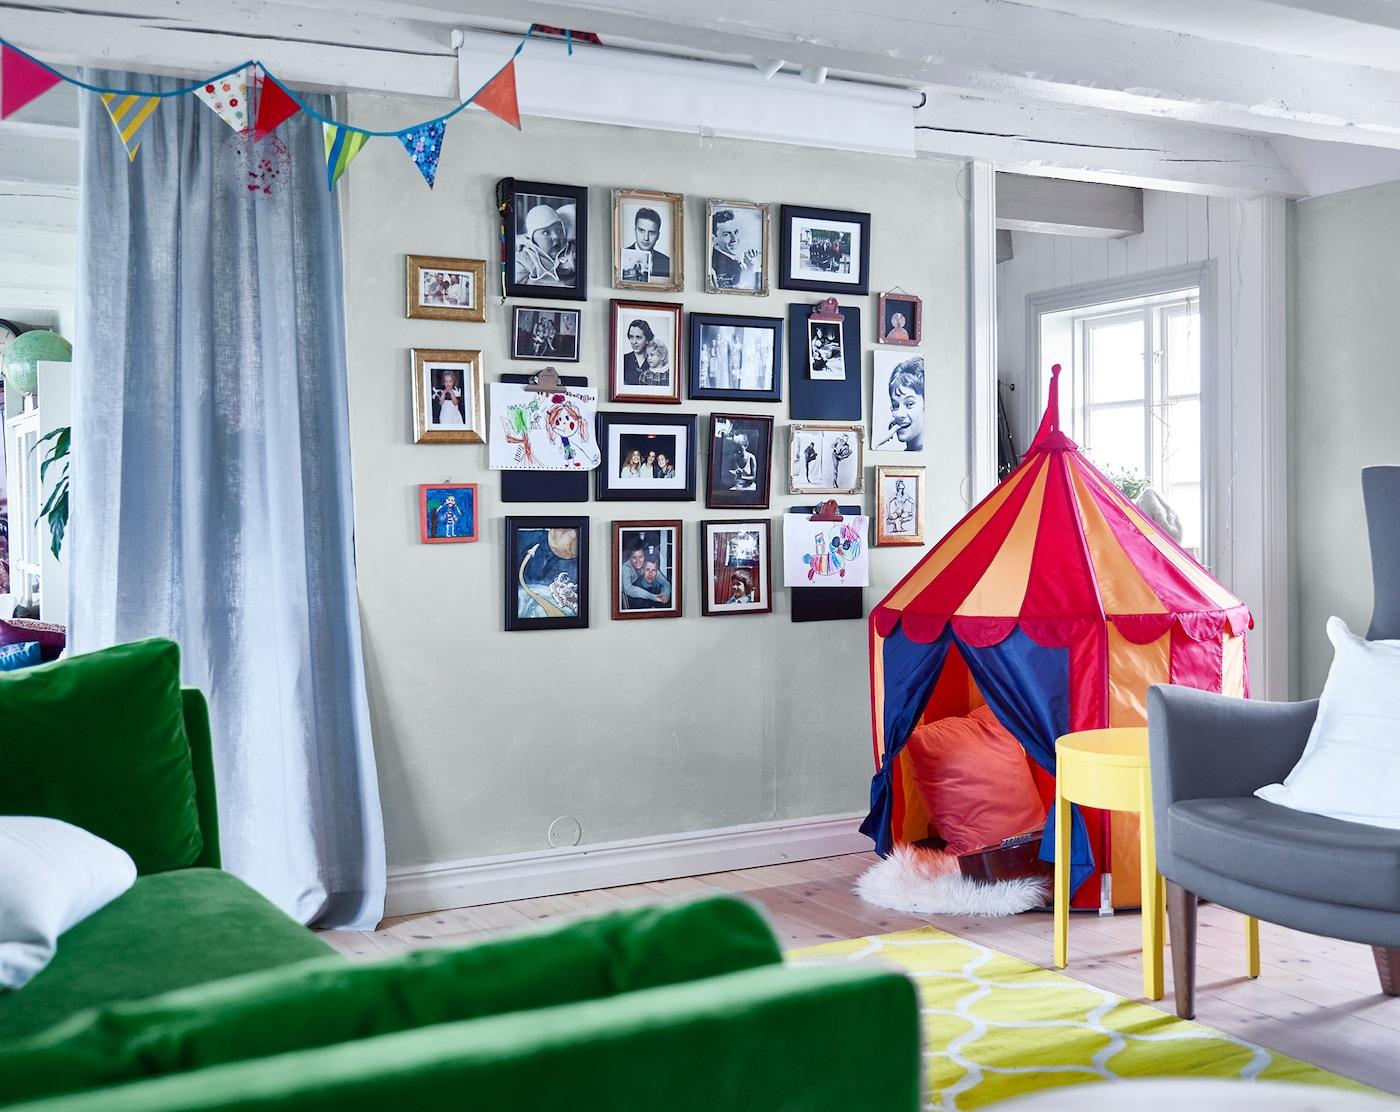 Eine Wand mit Familienfotos vor der ein buntes Zelt für Kinder zum Spielen steht.